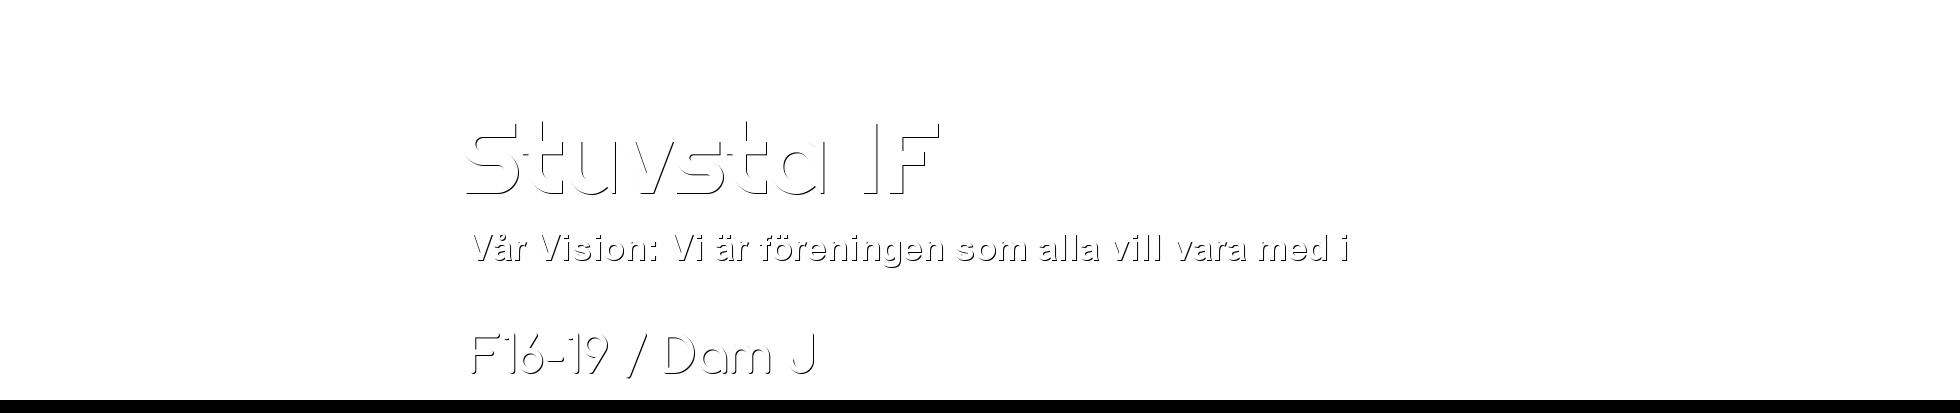 Stuvsta Idrottsförening - F 05 2fc17210d8069